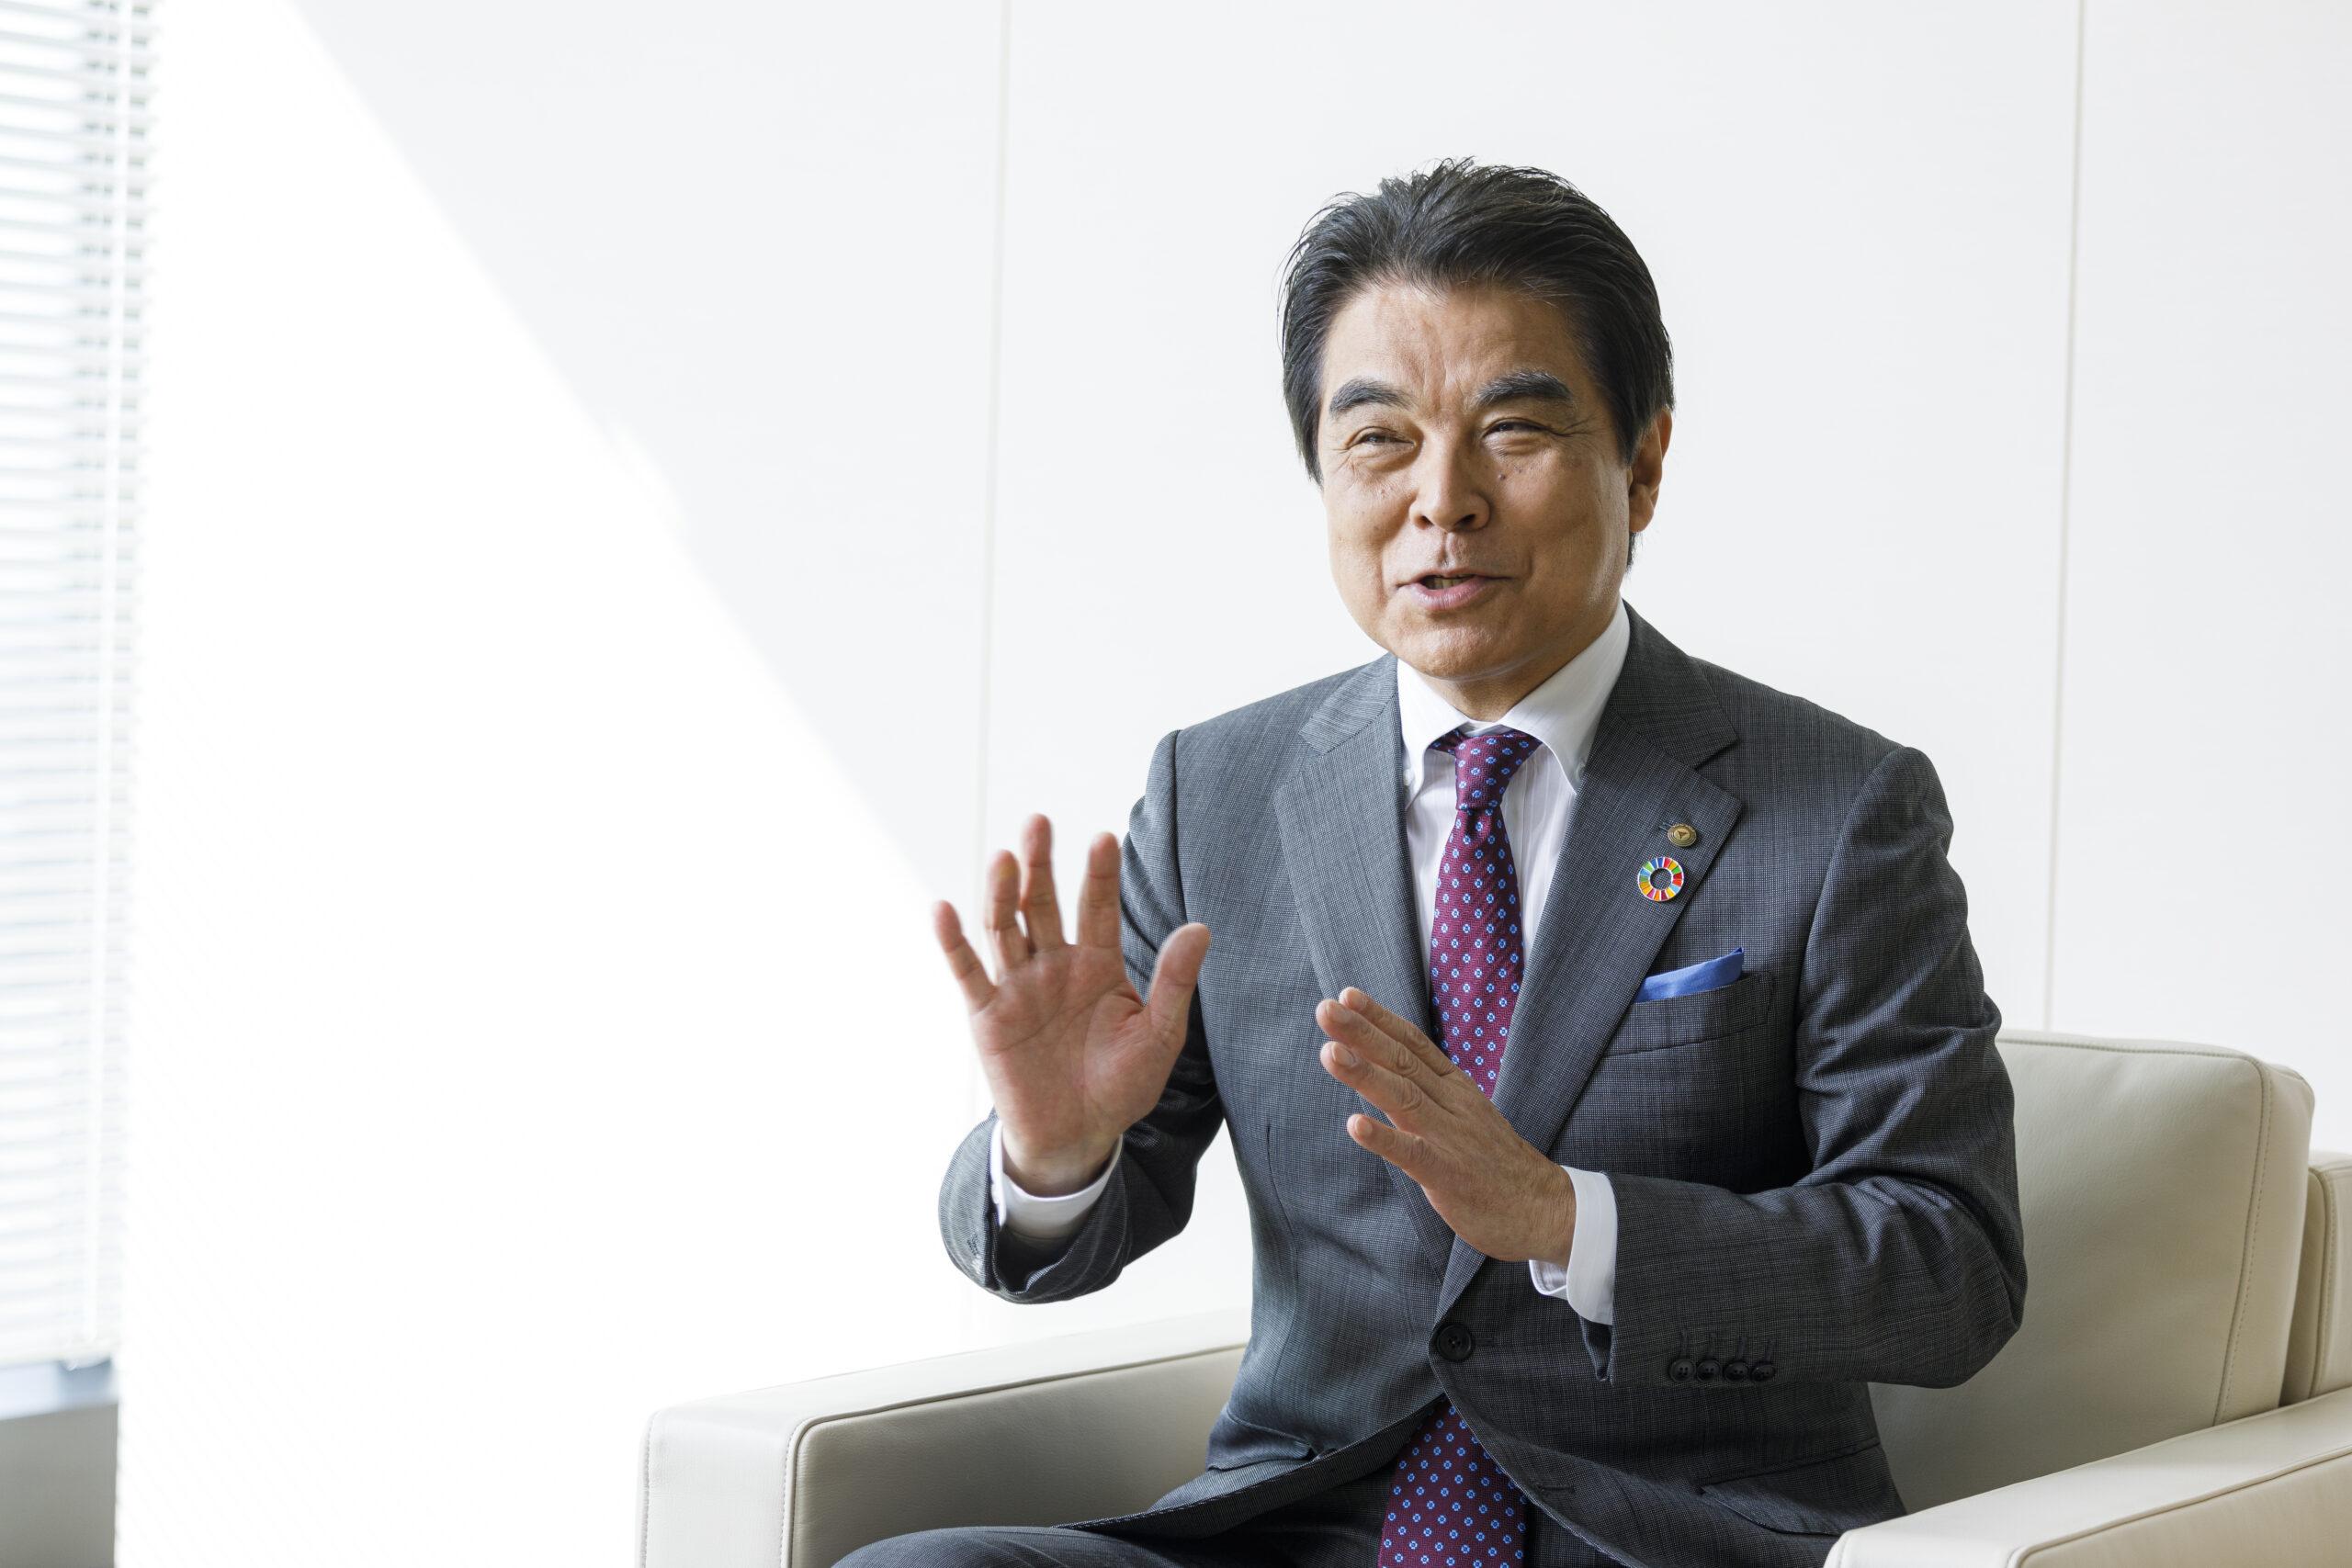 トップインタビュー・岡田東急不動産社長 再生エネを主力事業の1つに、テナント供給も ―再開発の戦略エリアは広域渋谷圏と湾岸